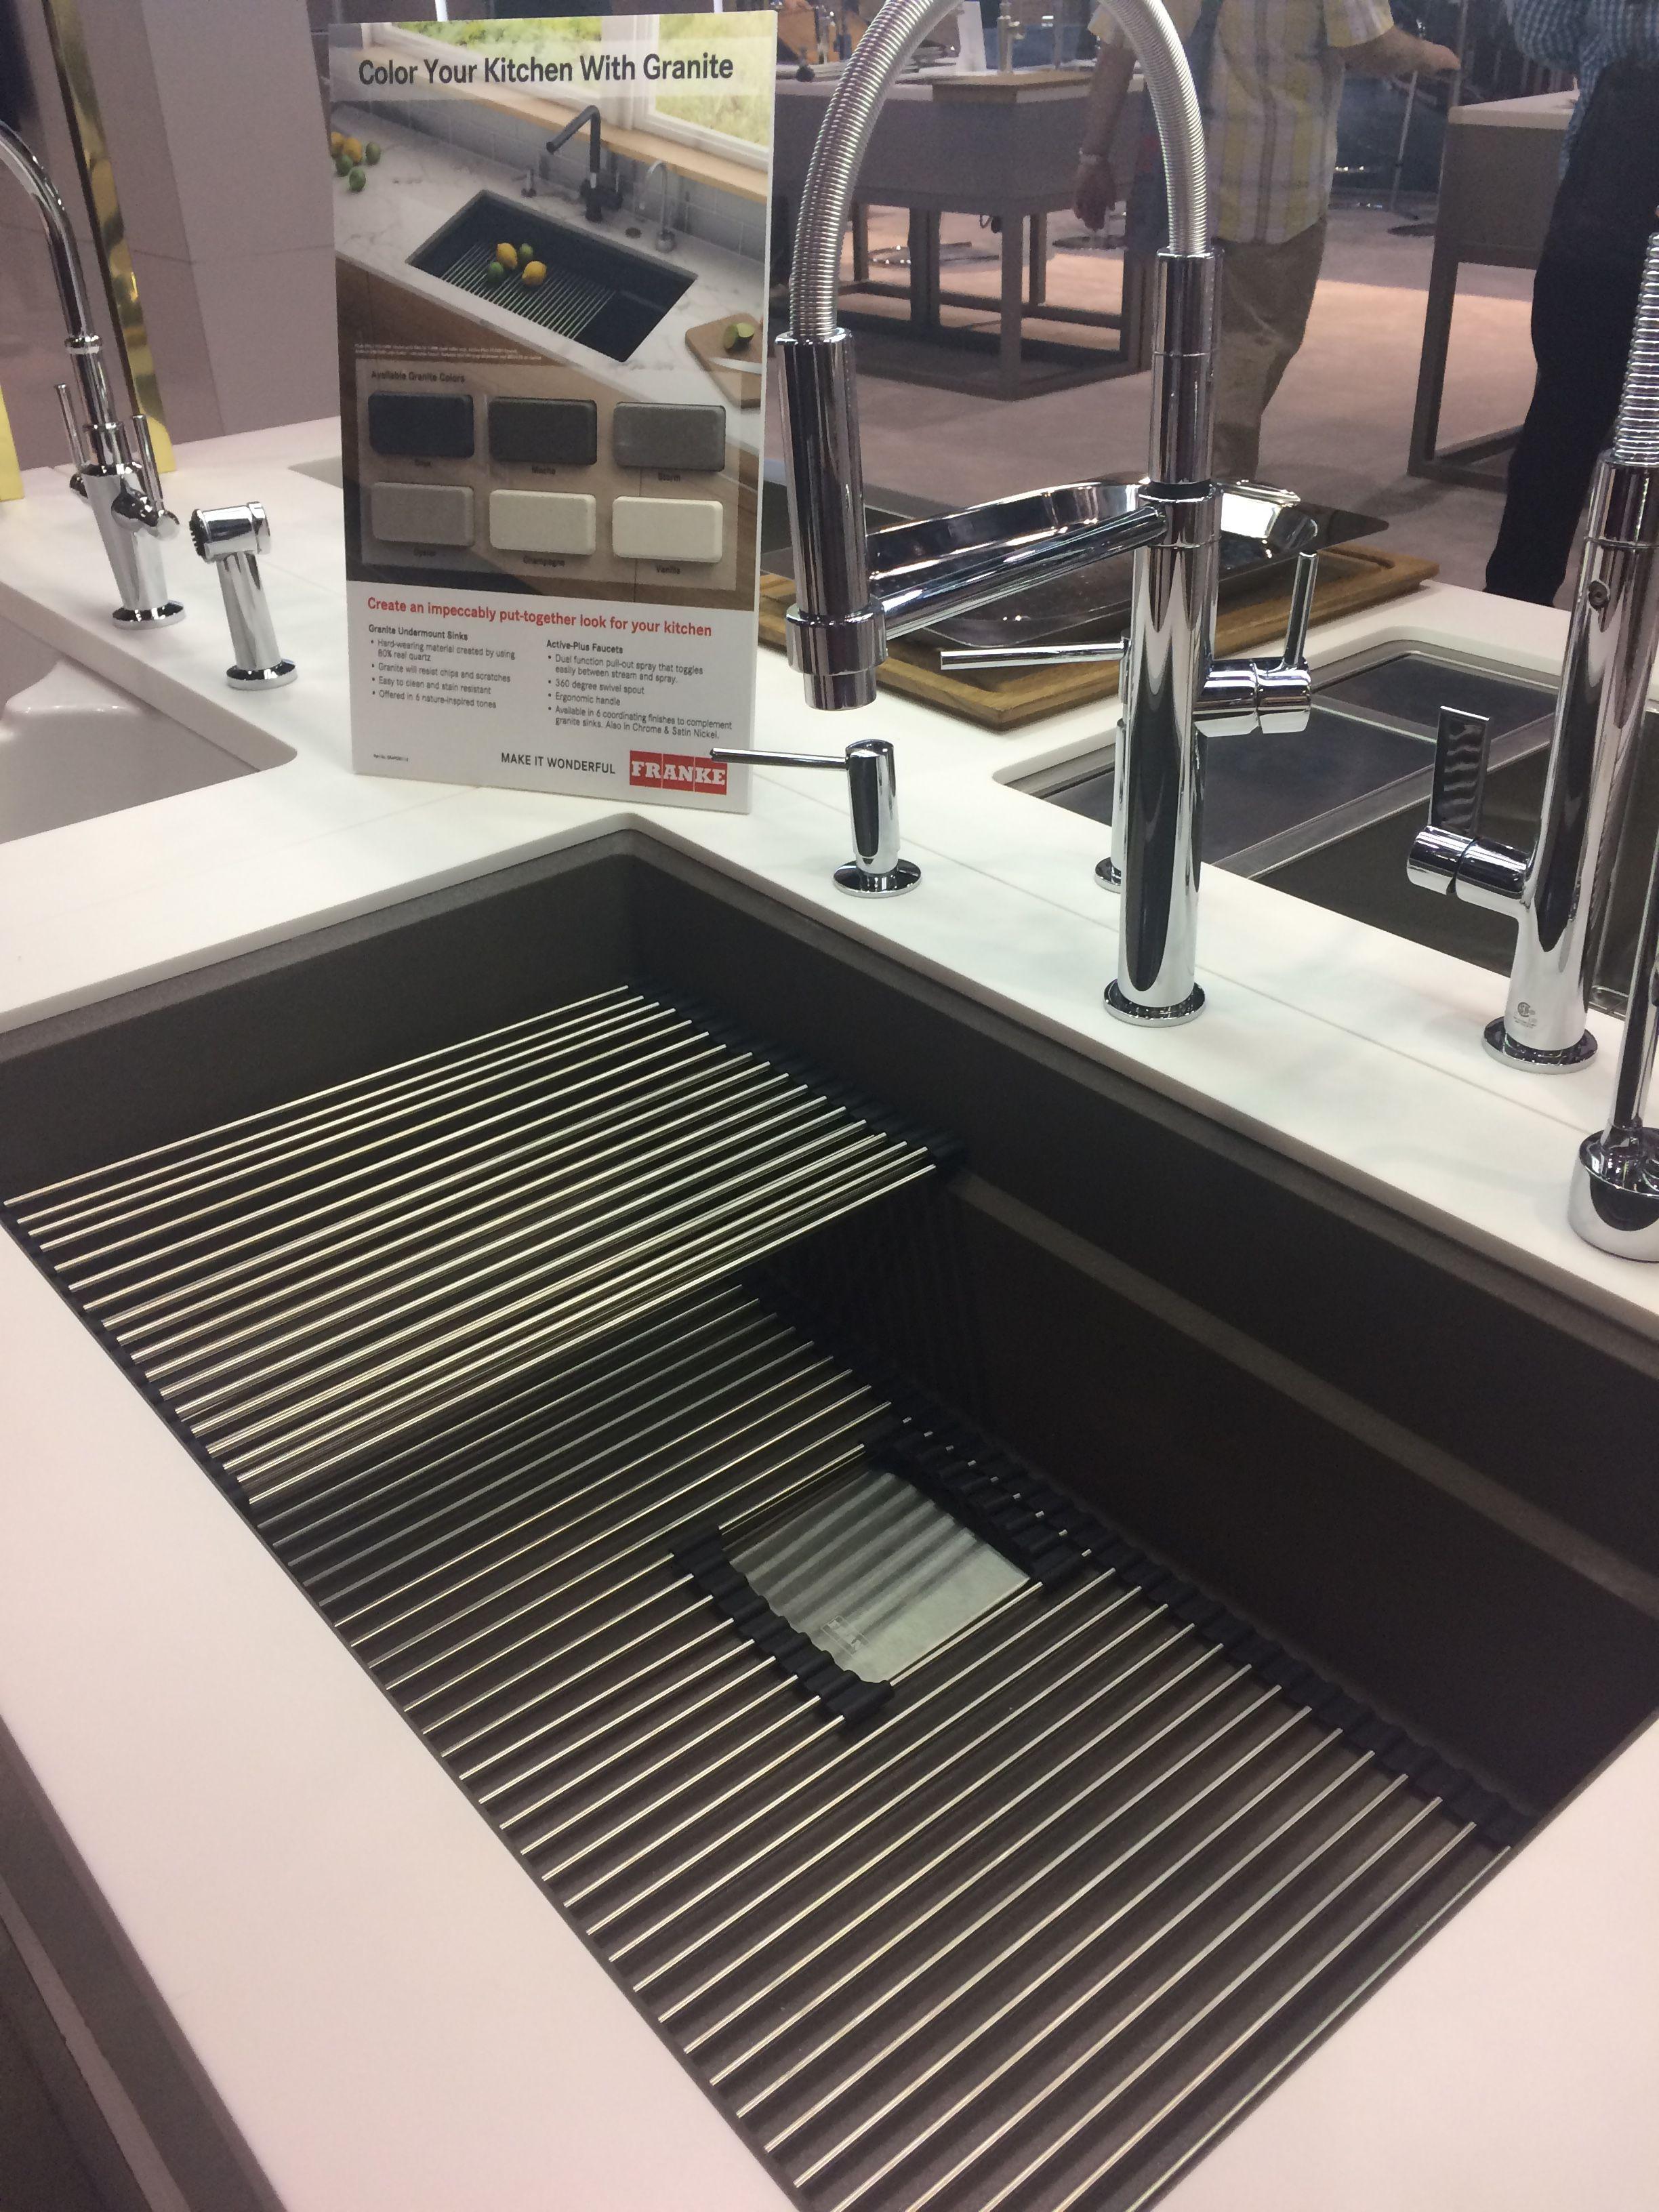 New Kitchen Sink From Frankekitchenus Kitchen Sink Decor Kitchen Sink Caddy Modern Kitchen Accessories